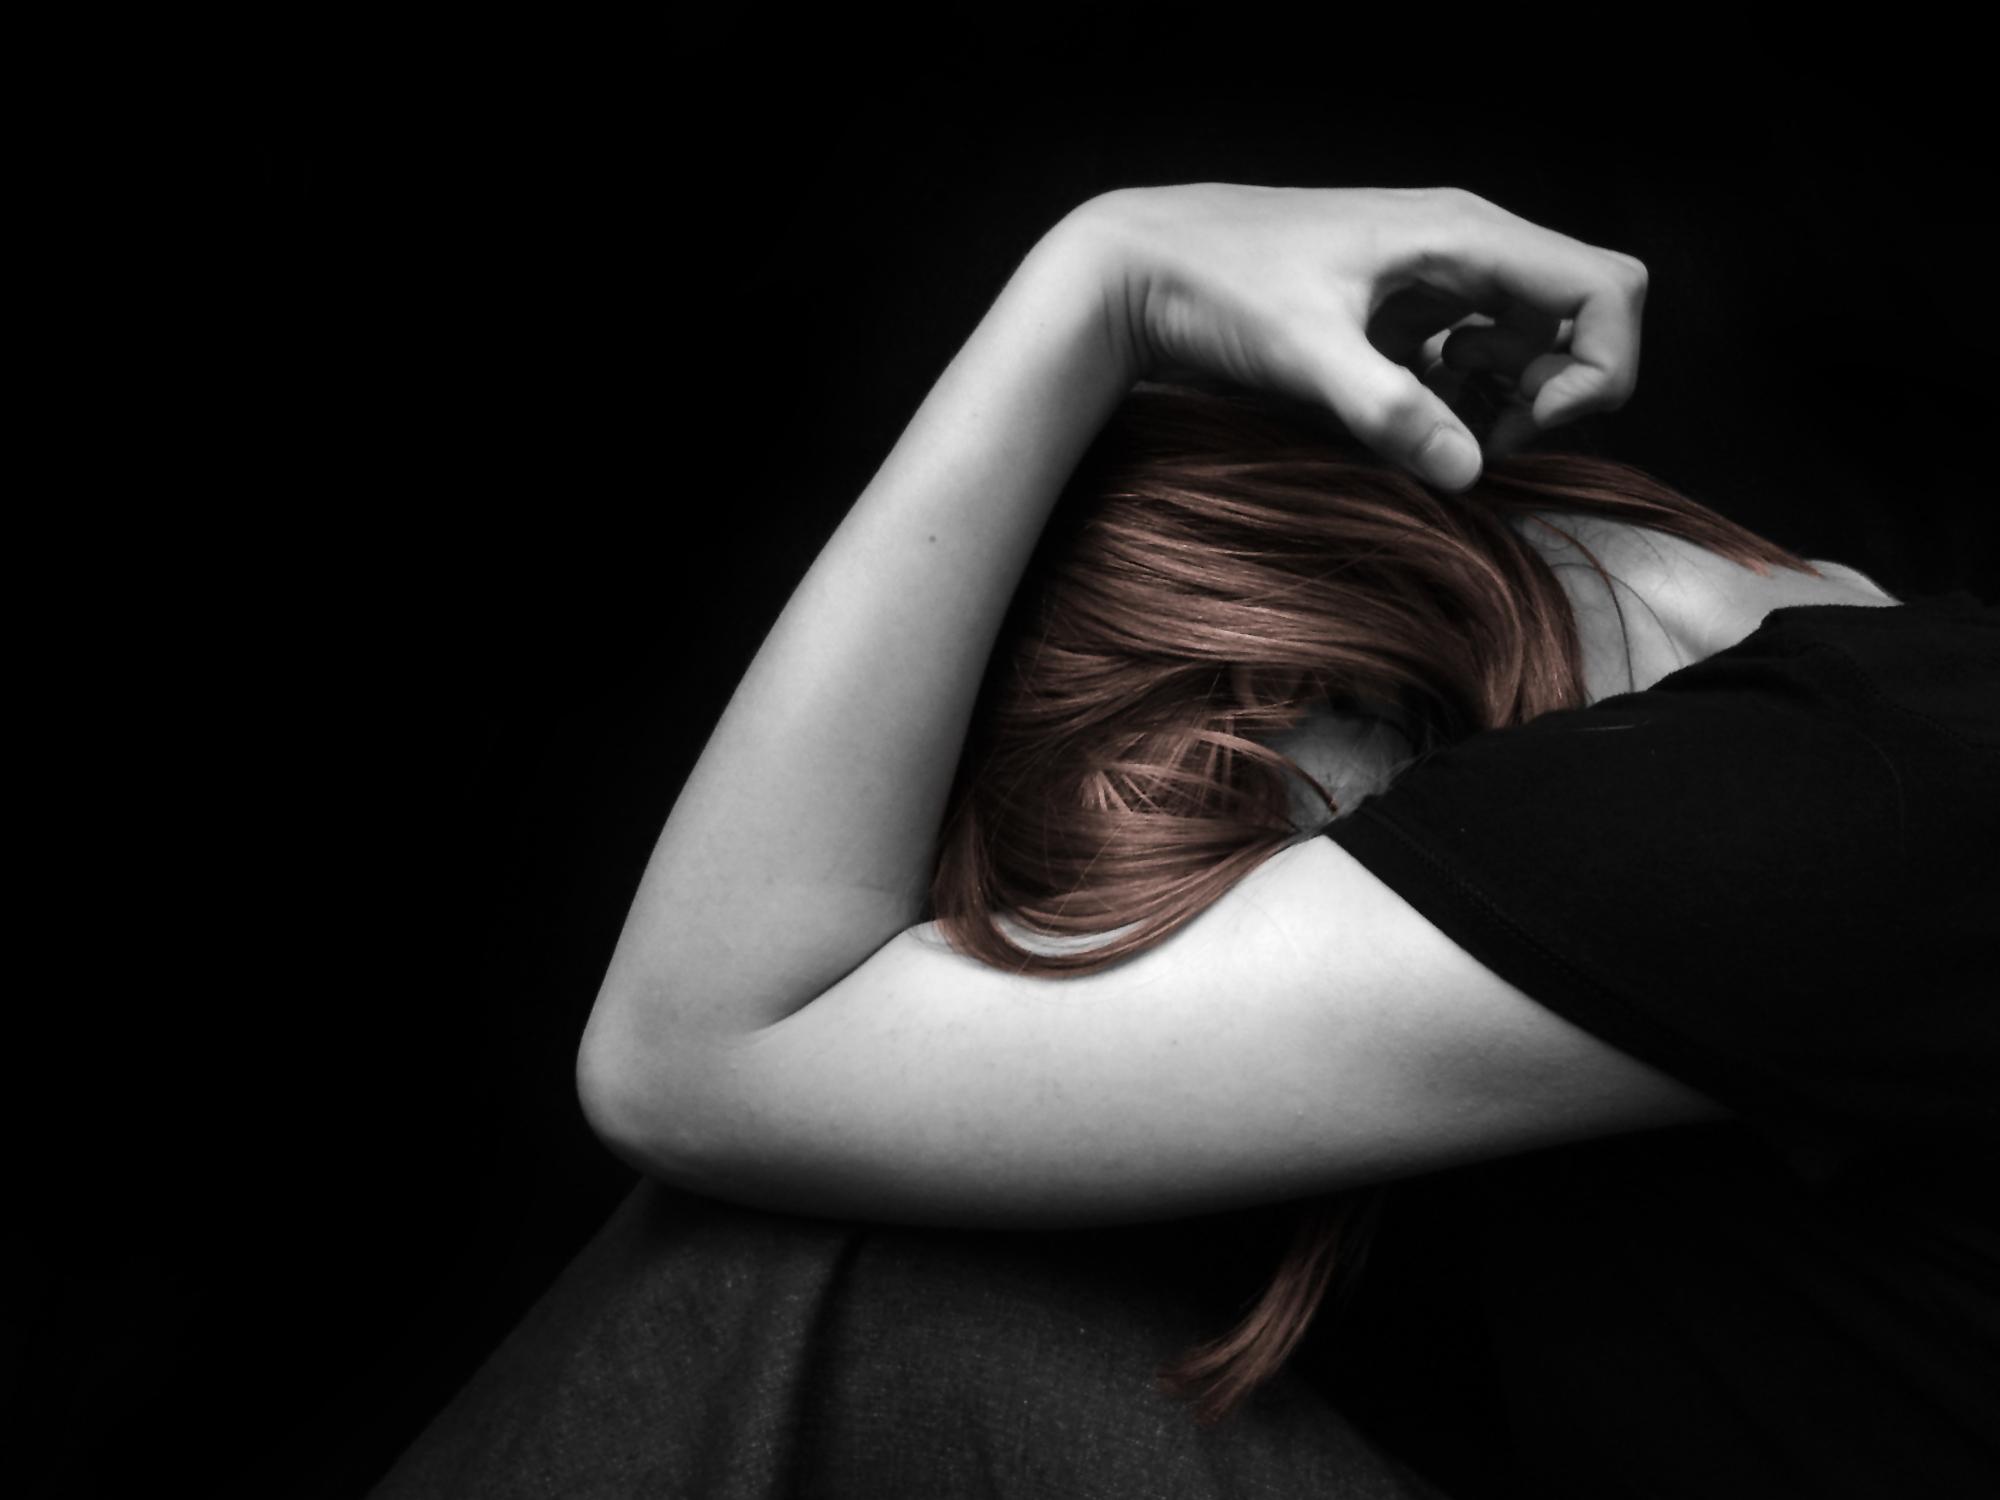 Depressione-in-Italia-è-sempre-più-diffusa-e-invalidante